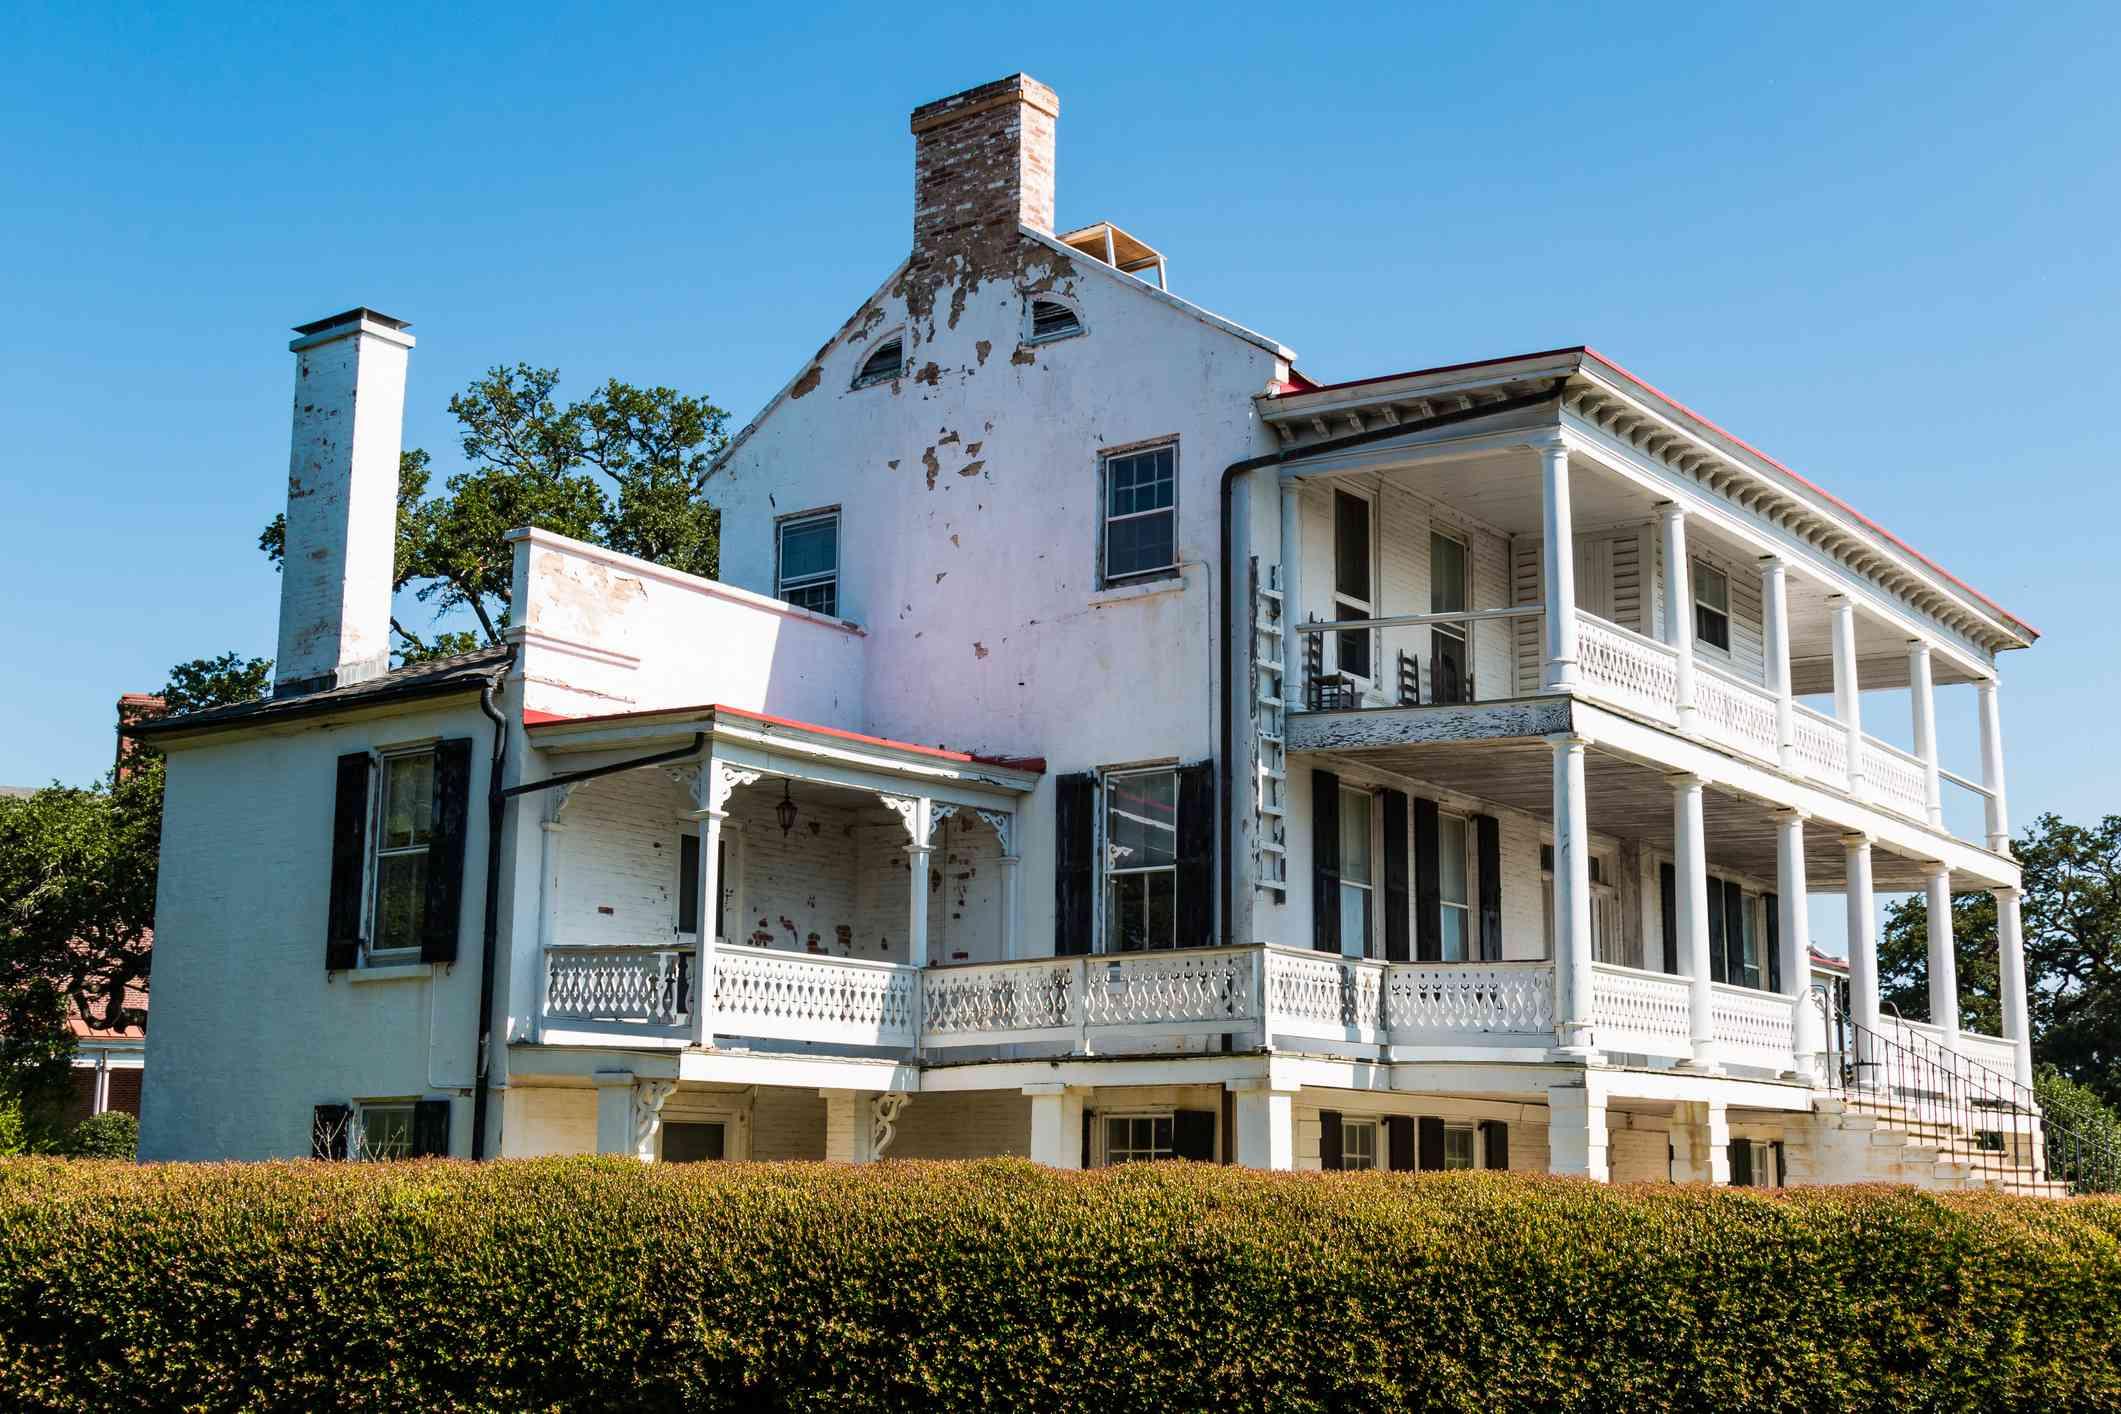 Quarters No. 1 at Fort Monroe in Hampton, Virginia